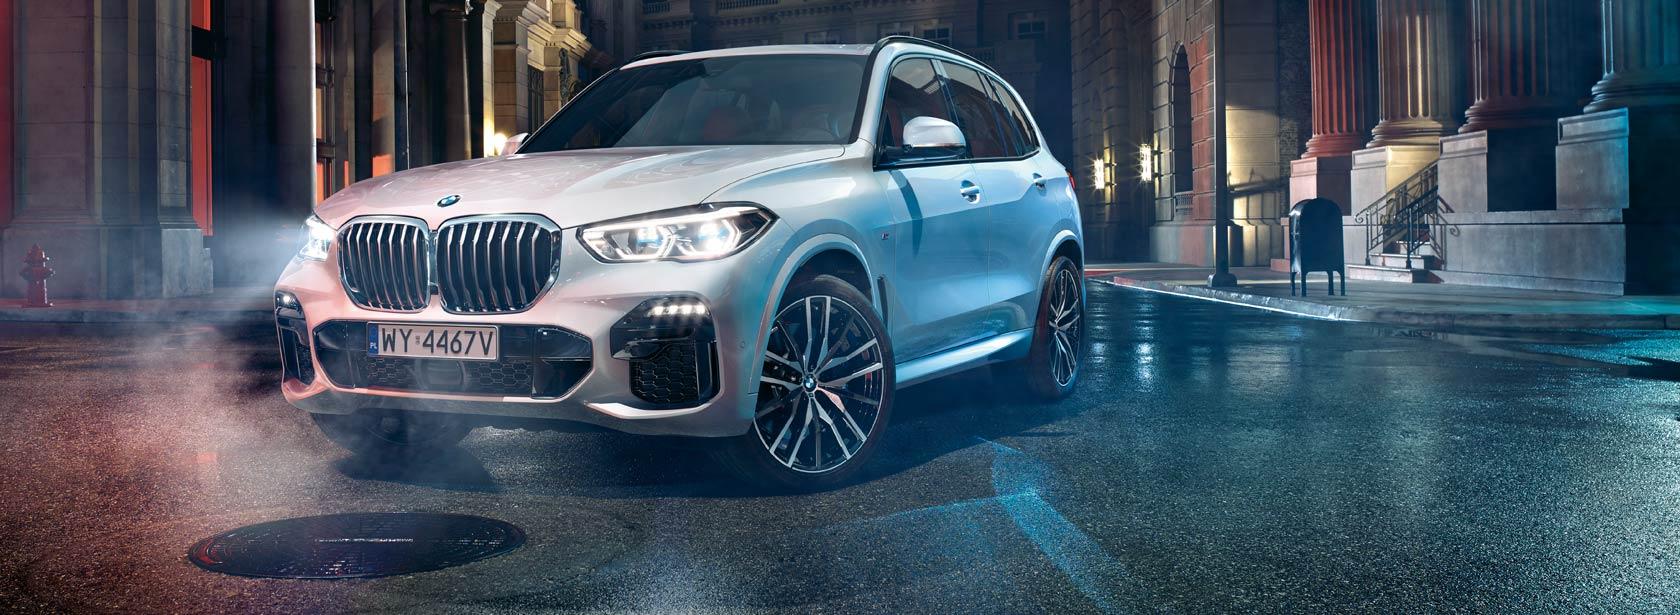 Oryginał Dealer BMW - Serwis BMW | Dealer BMW DEX Premium Lubin ZB59